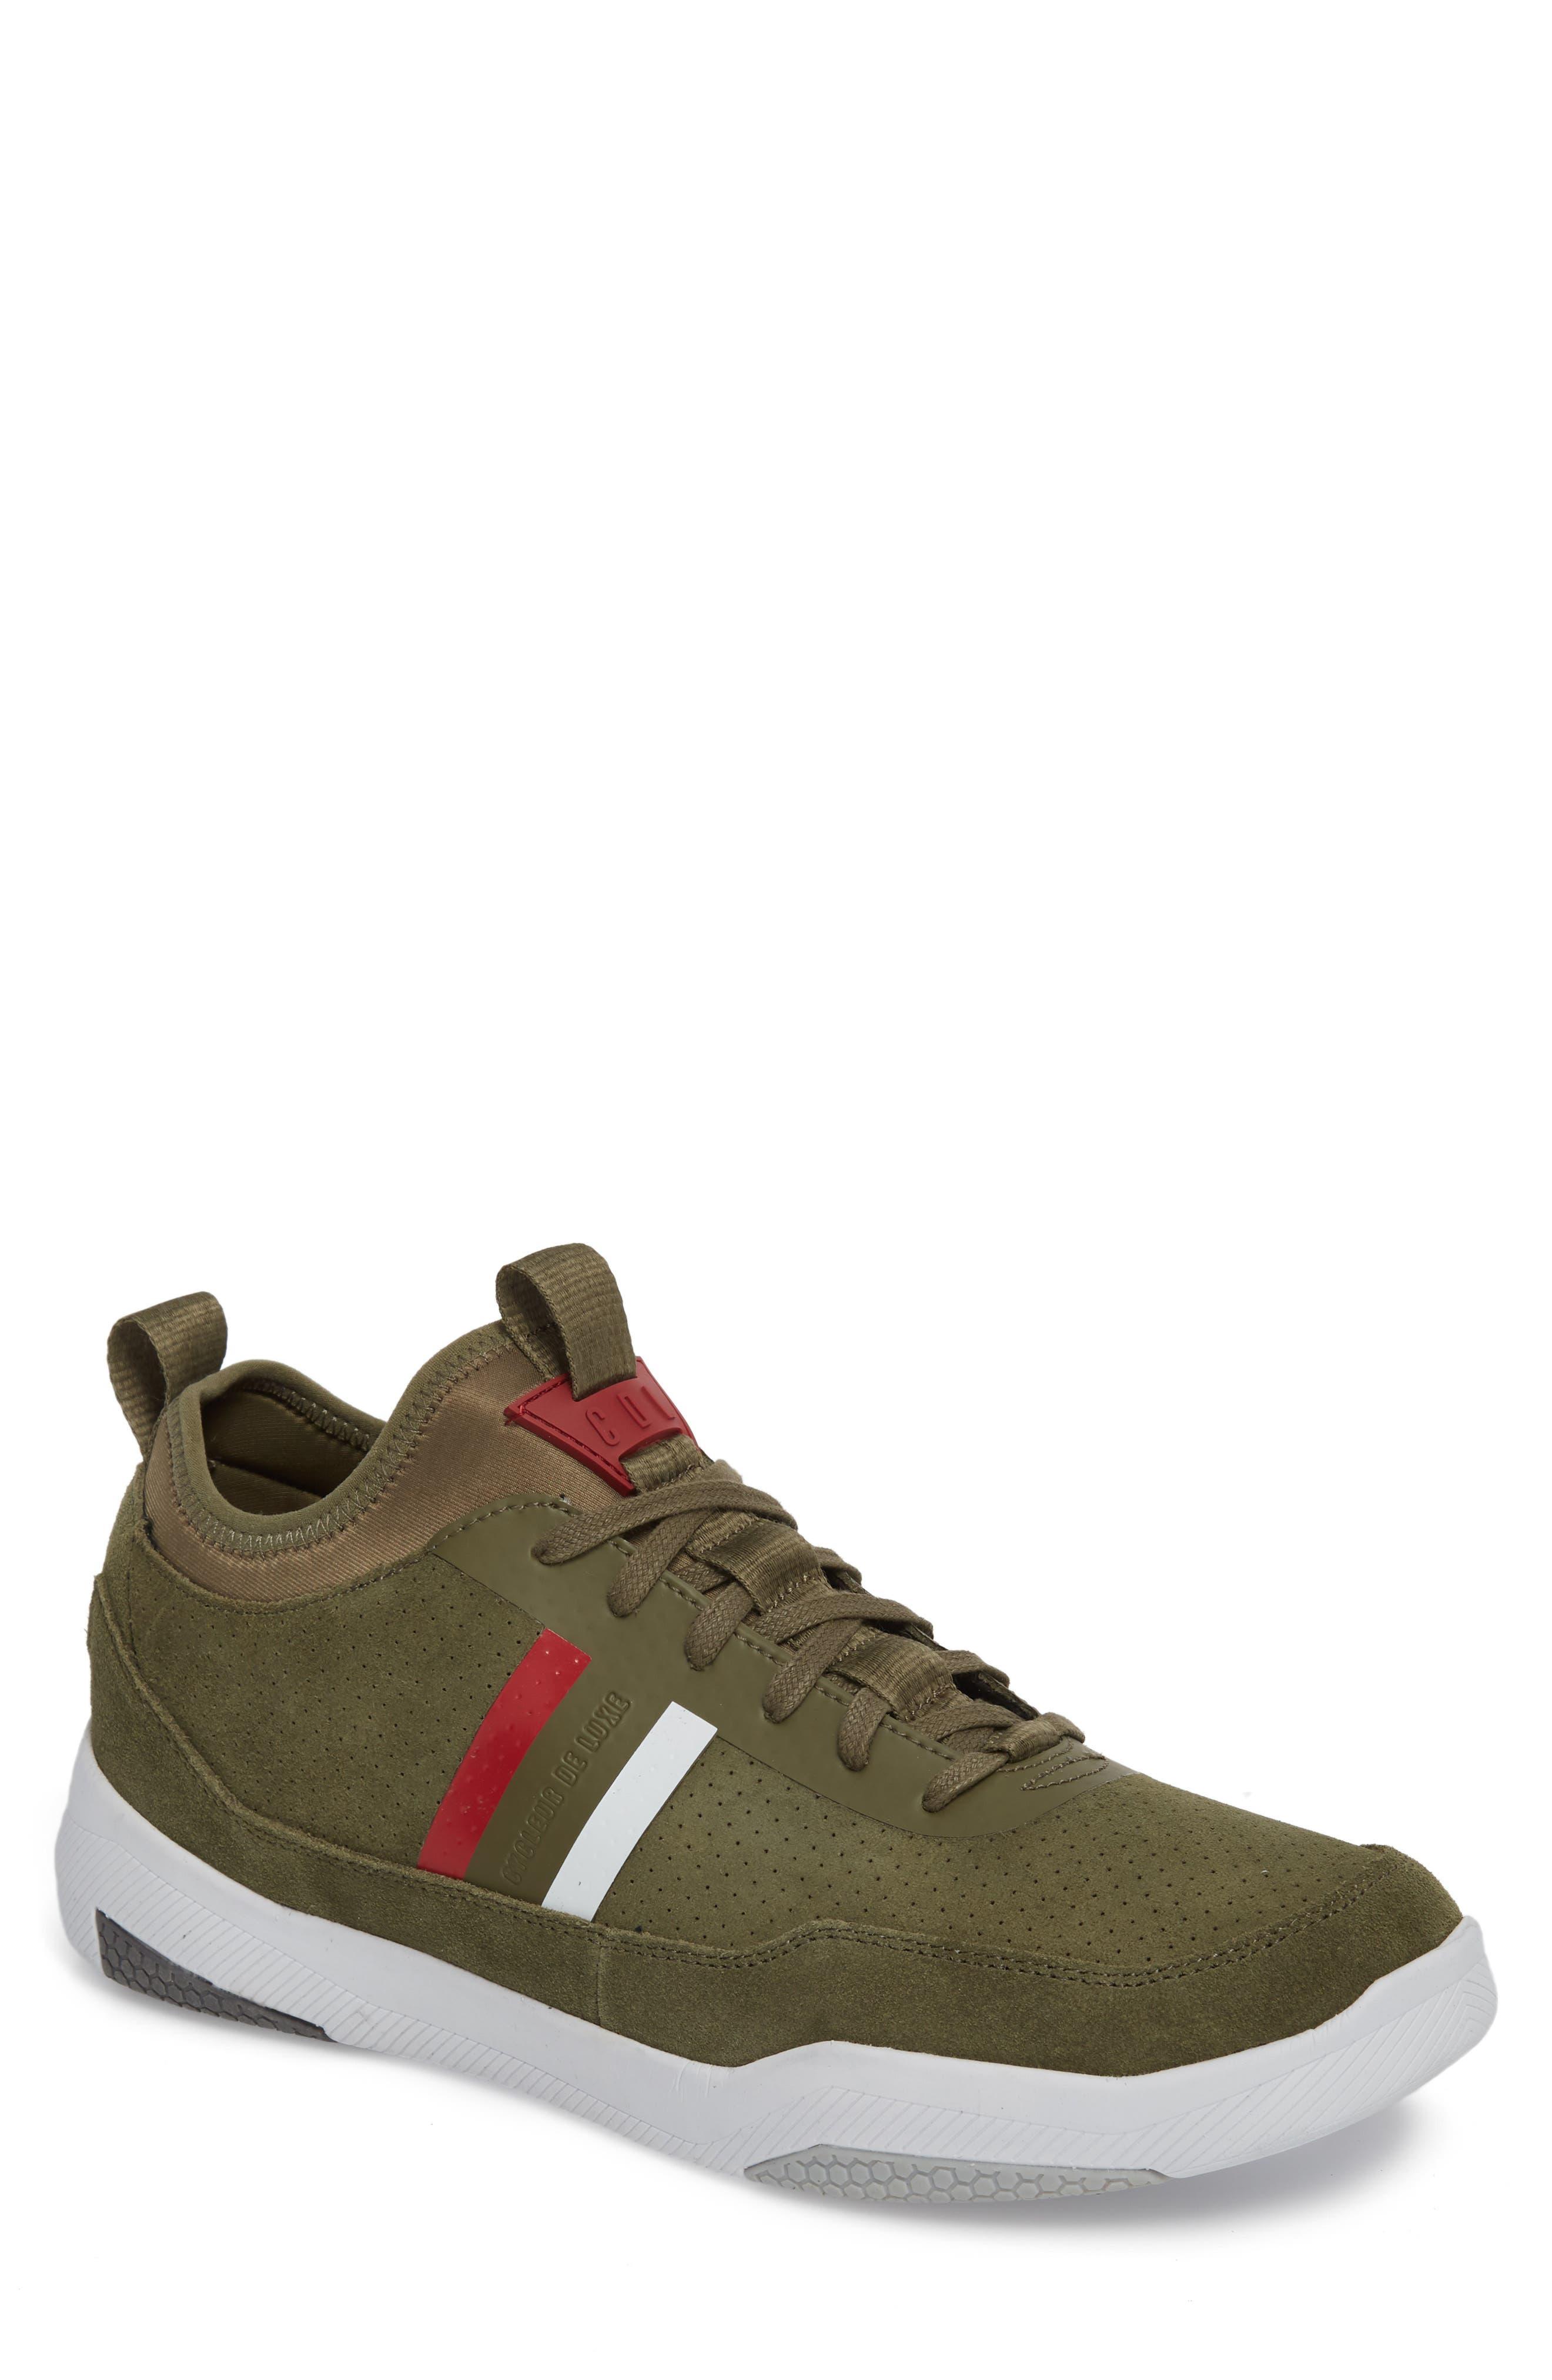 Shiro Hi Sock Fit Sneaker,                             Main thumbnail 1, color,                             Military Green Suede